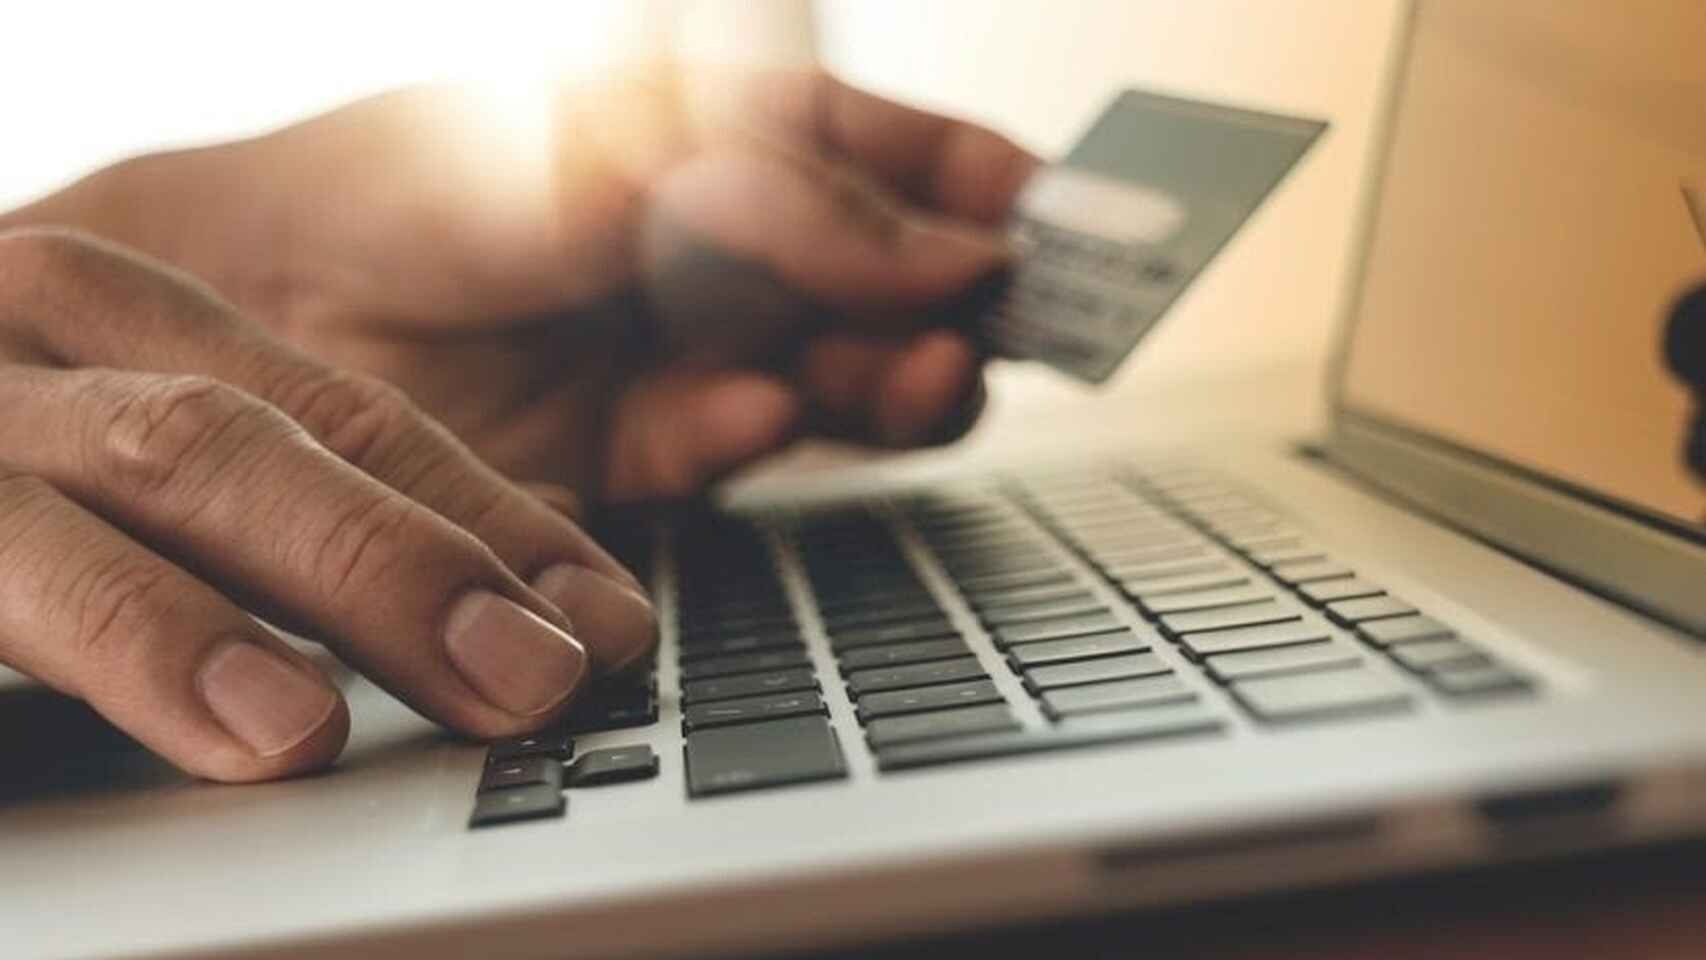 Una persona usando un ordenador con tarjeta de crédito y haciendo compras online.